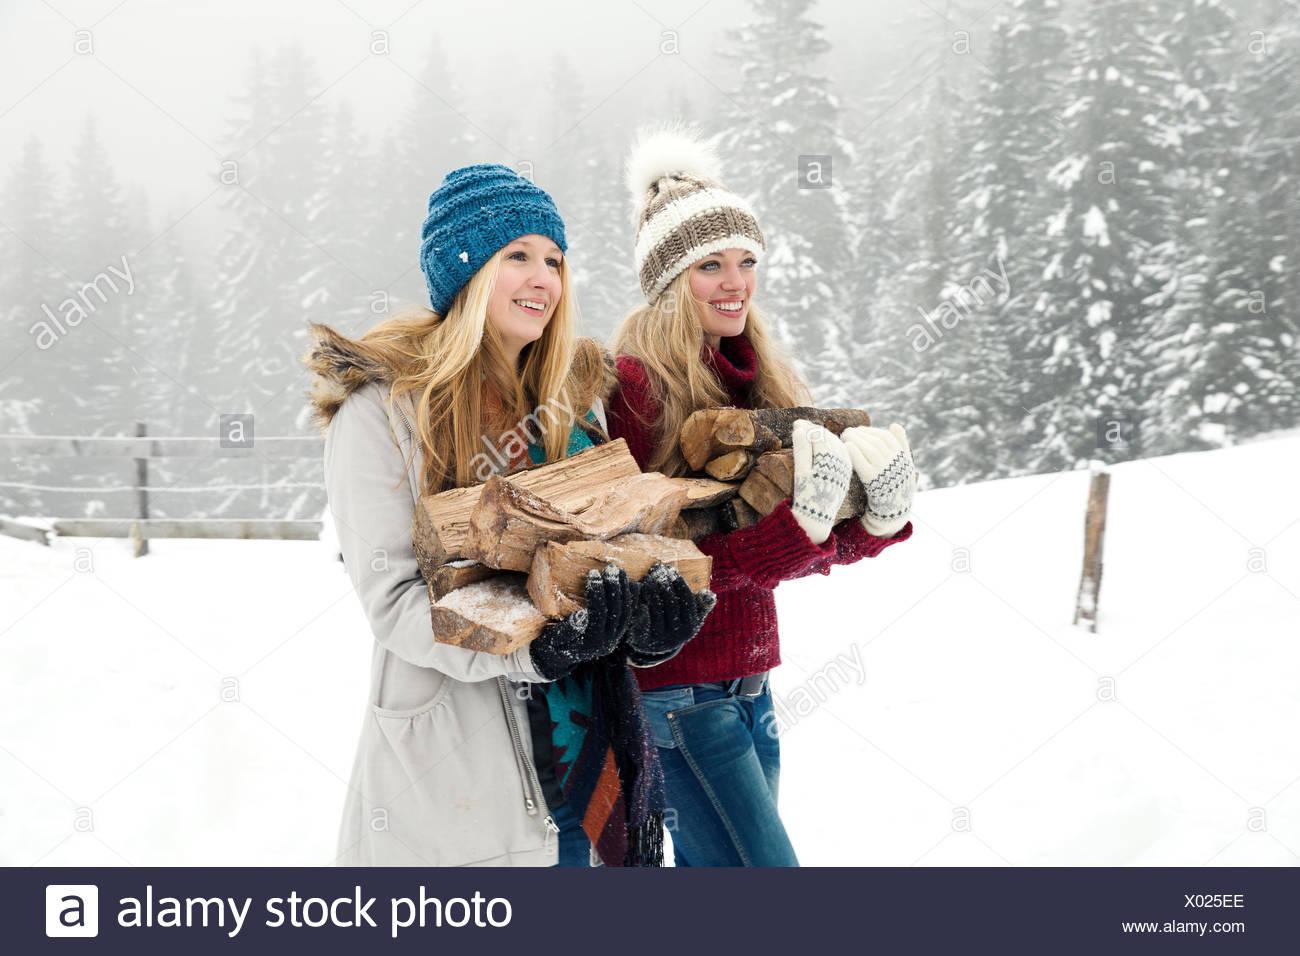 Dos amigas jóvenes que transportaban troncos con nieve mist Imagen De Stock